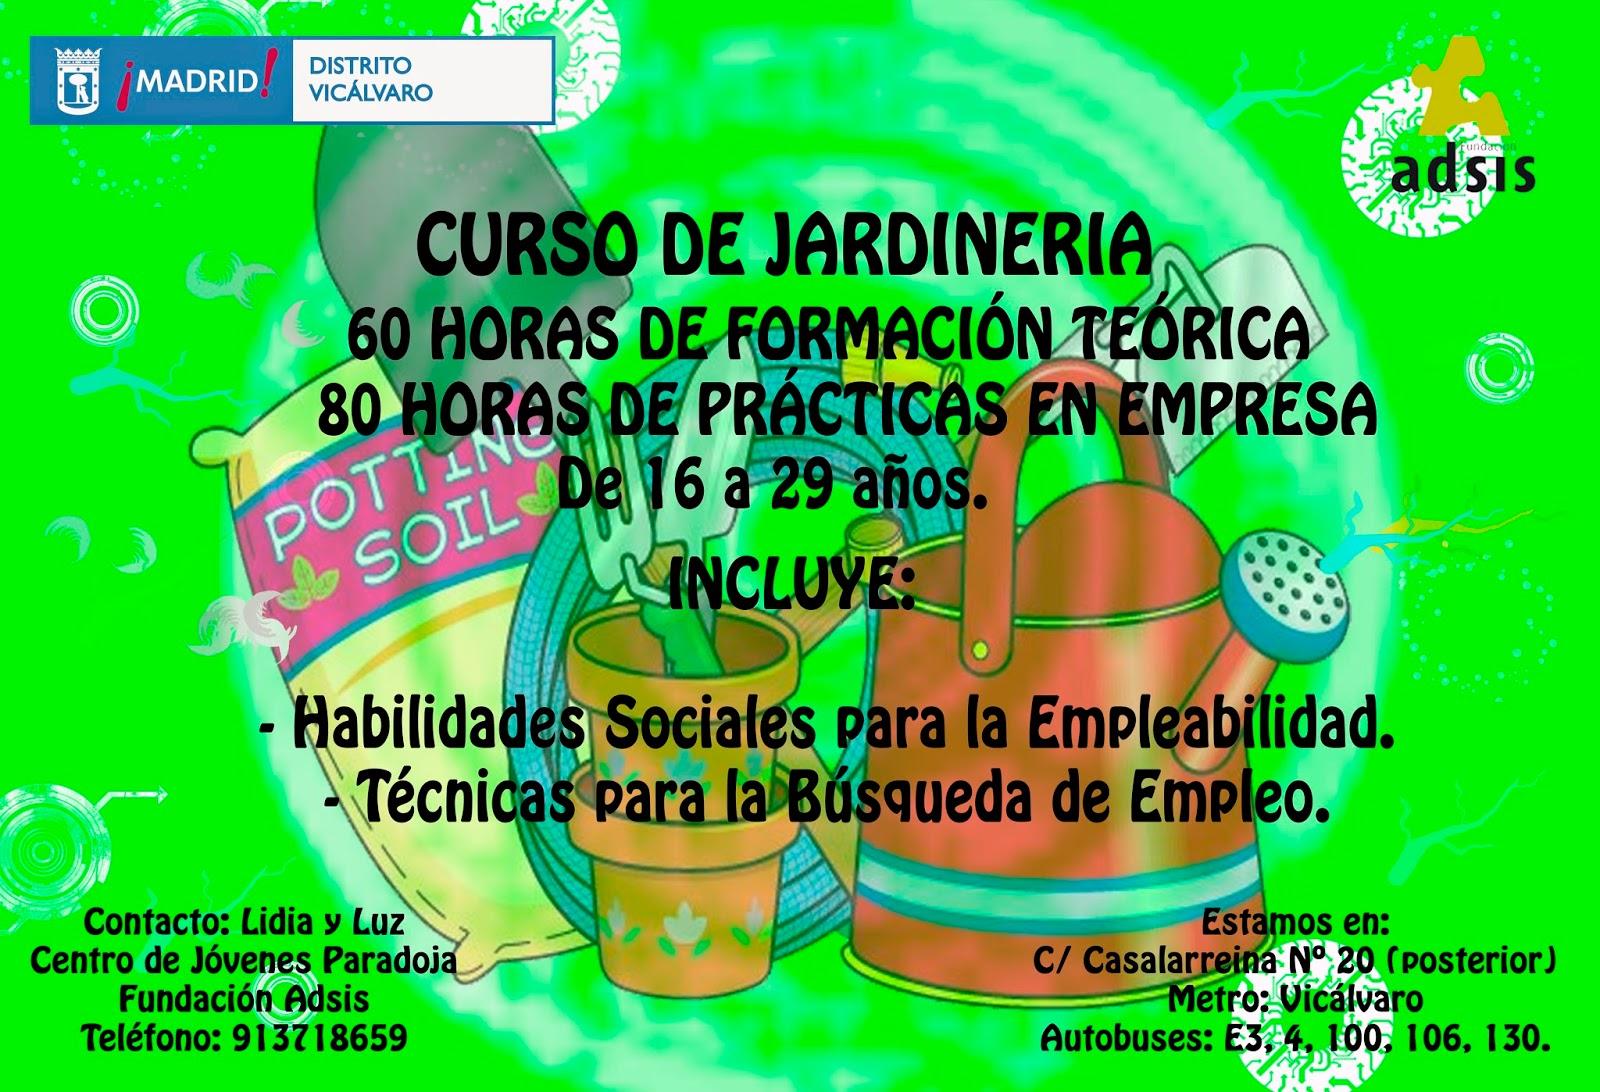 Cursos de formaci n gratuitos jardiner a y comercio for Formacion jardineria